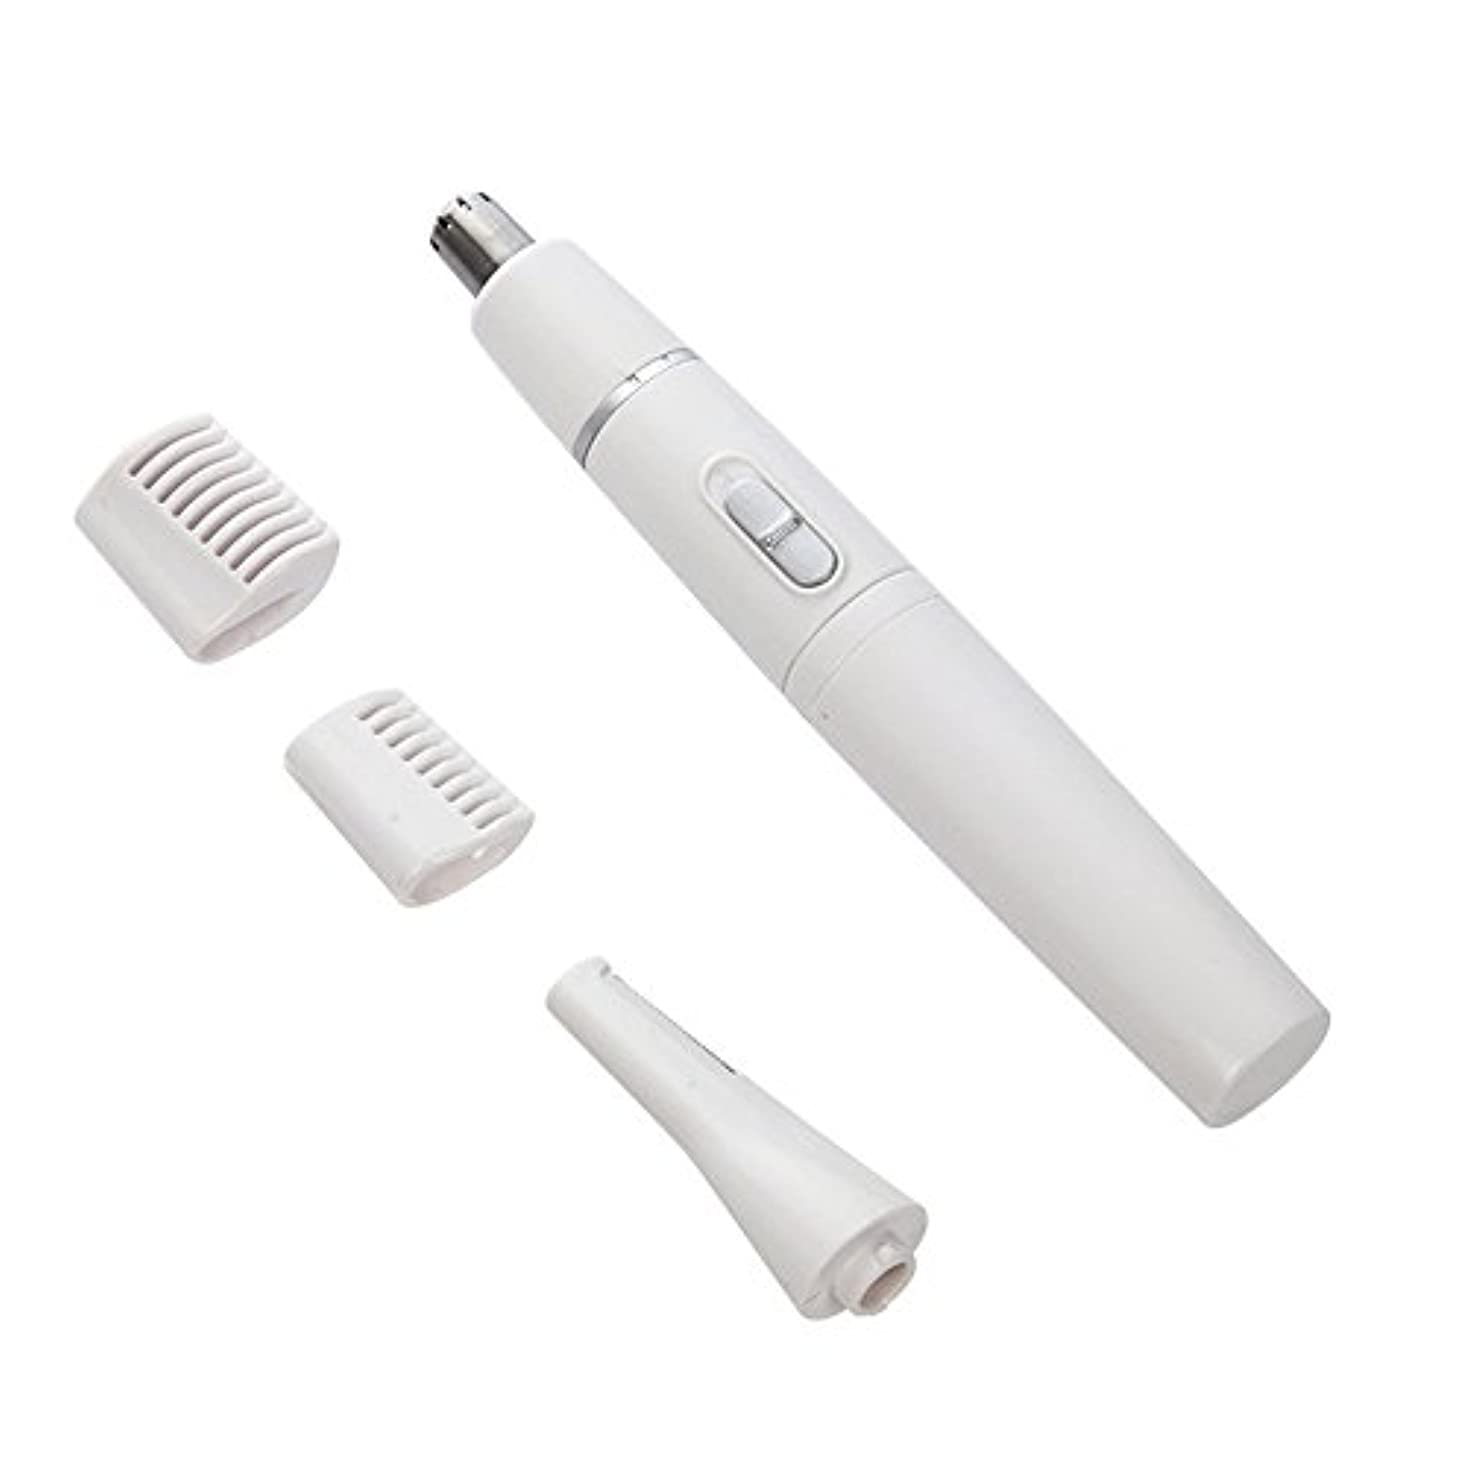 カジュアルサイレント縫うEGAO 耳毛カッター 鼻毛カッター 髭剃り 4in1 多機能 シェーバー USB 内刃水洗い